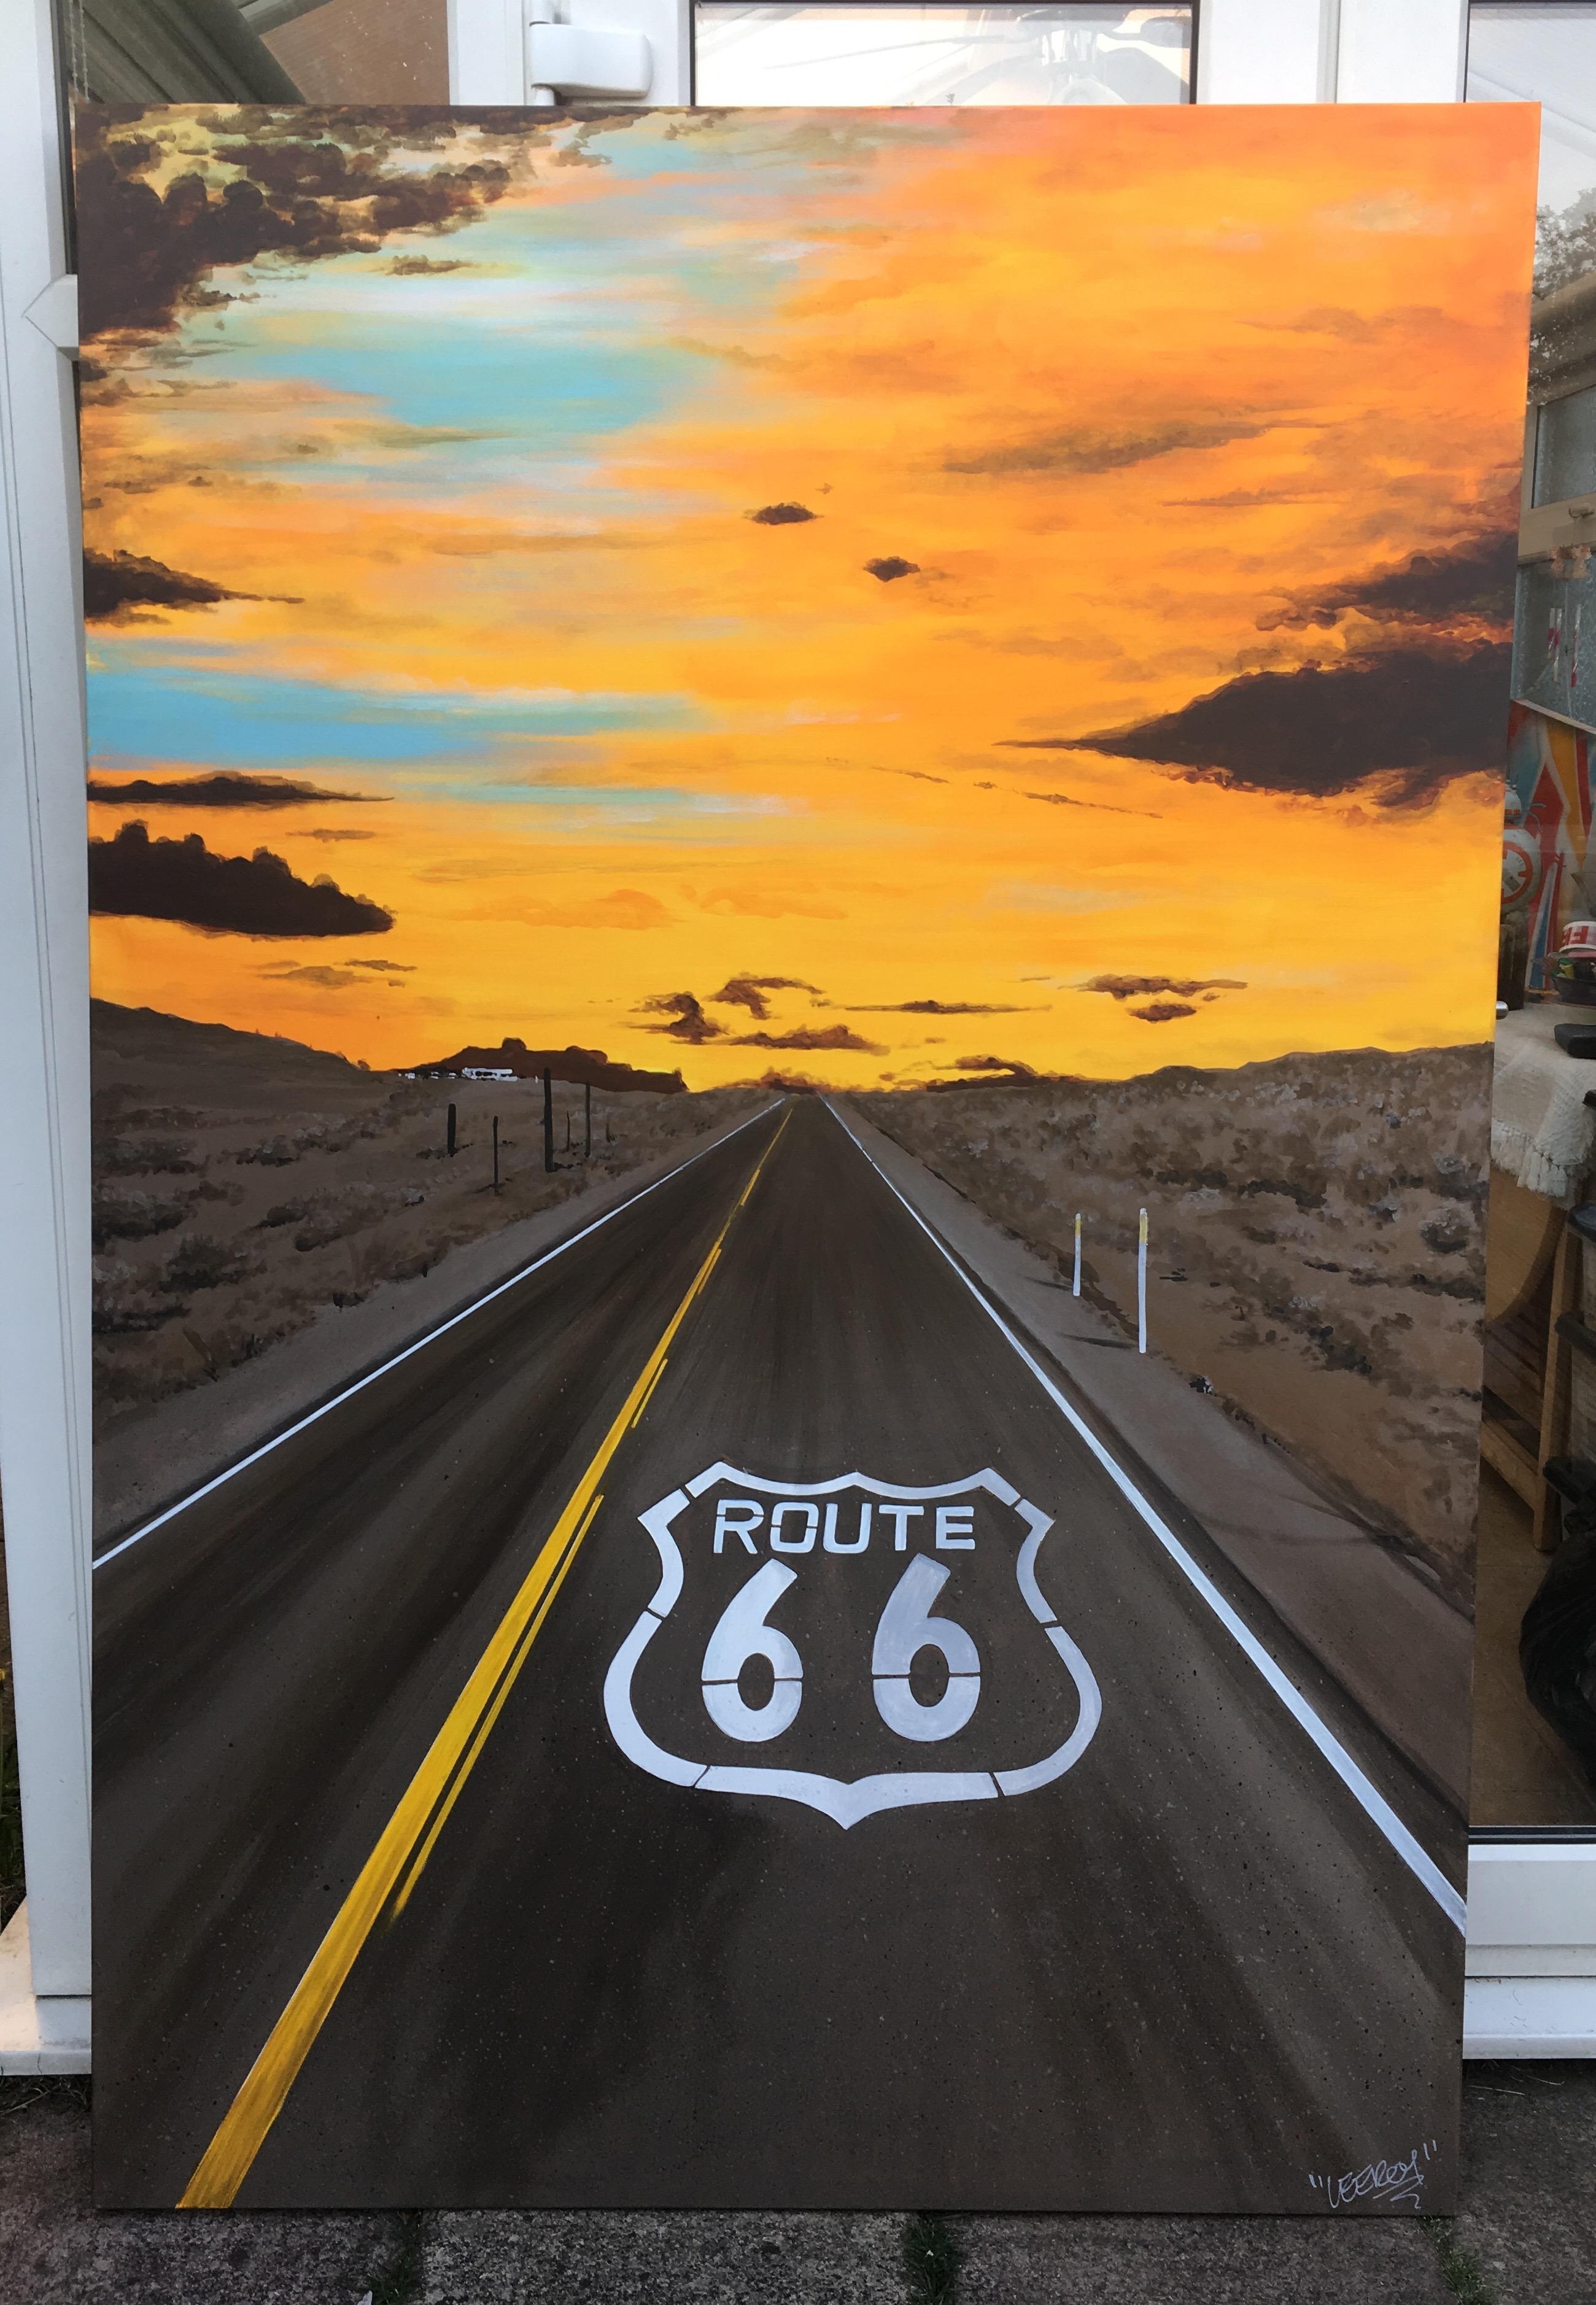 Route 66 Canvas 6'x4'